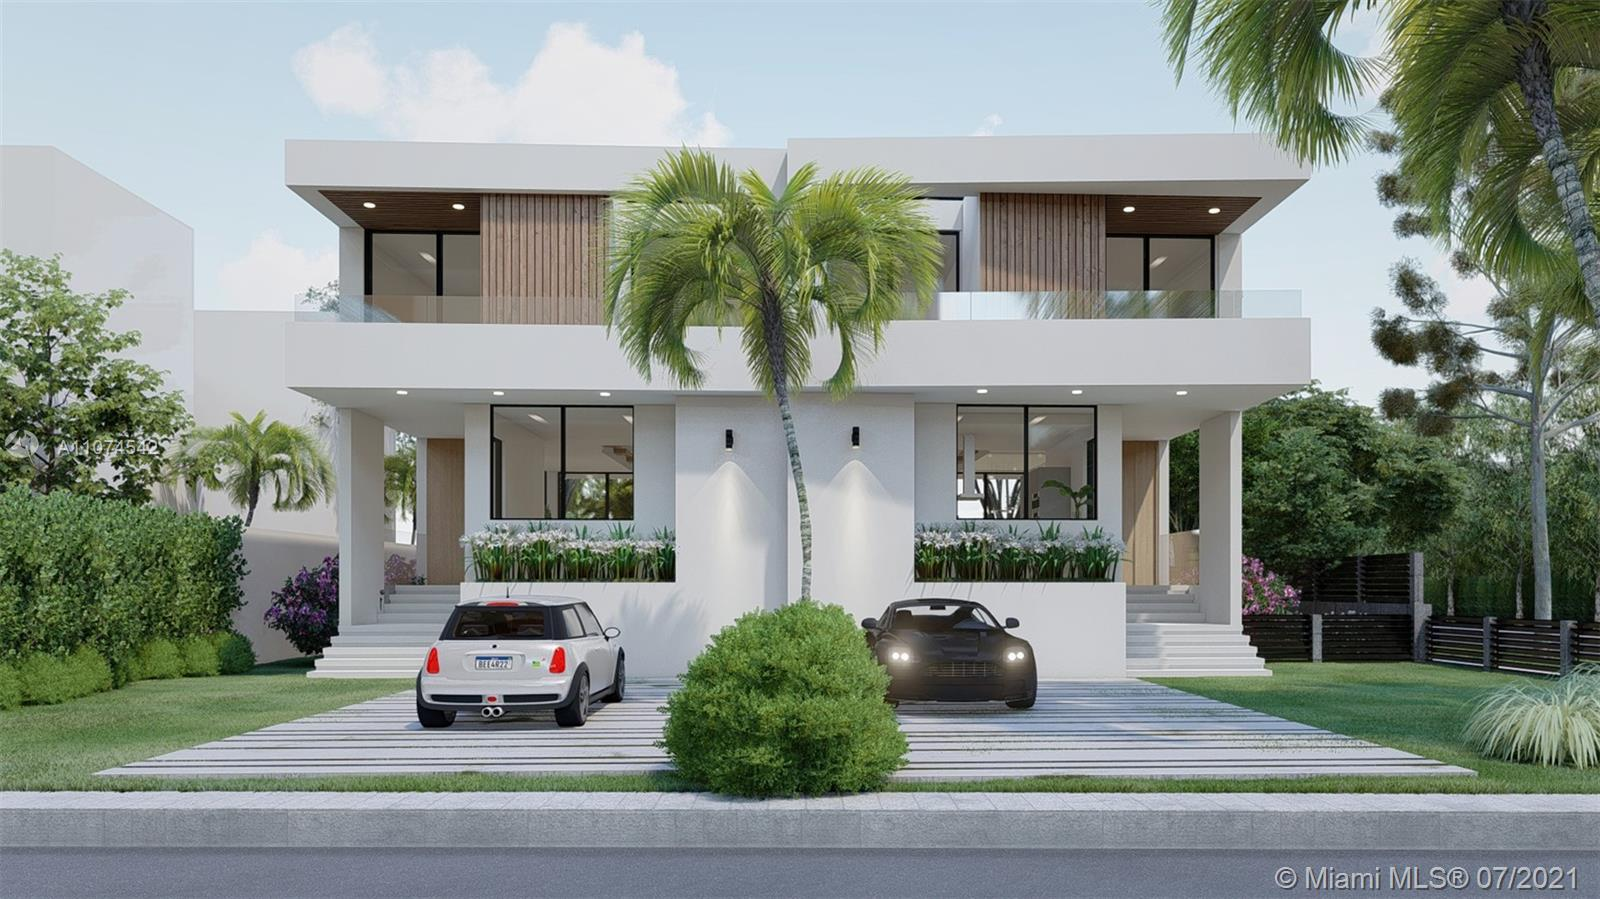 Tropical Isle Homes - 570 Fernwood Rd, Key Biscayne, FL 33149